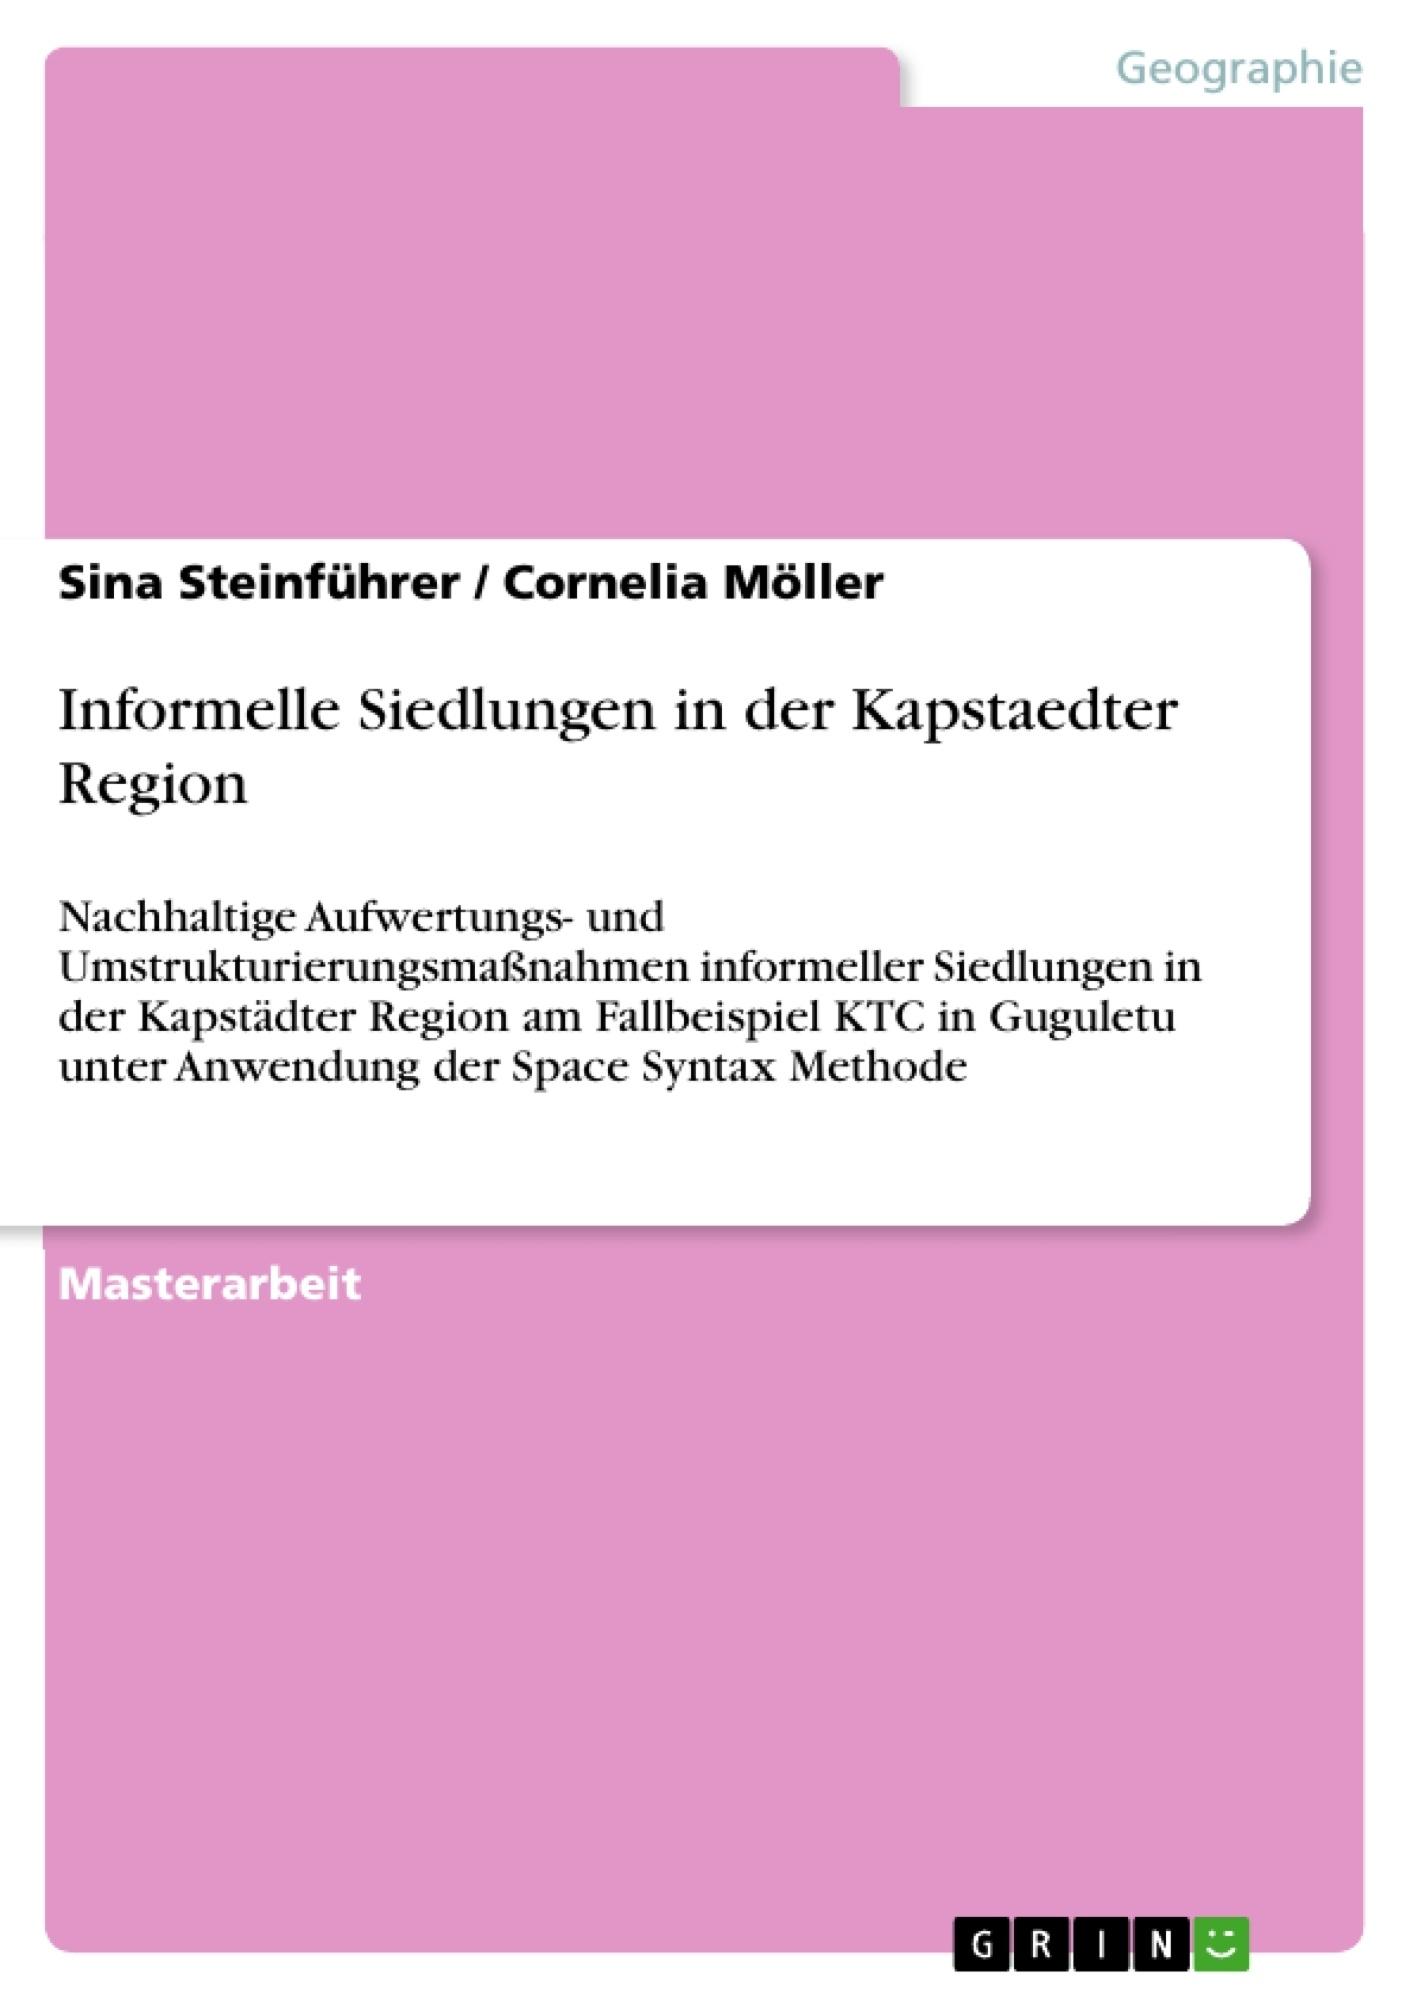 Fancy Informelle Vorschlag Format Photo - FORTSETZUNG ARBEITSBLATT ...